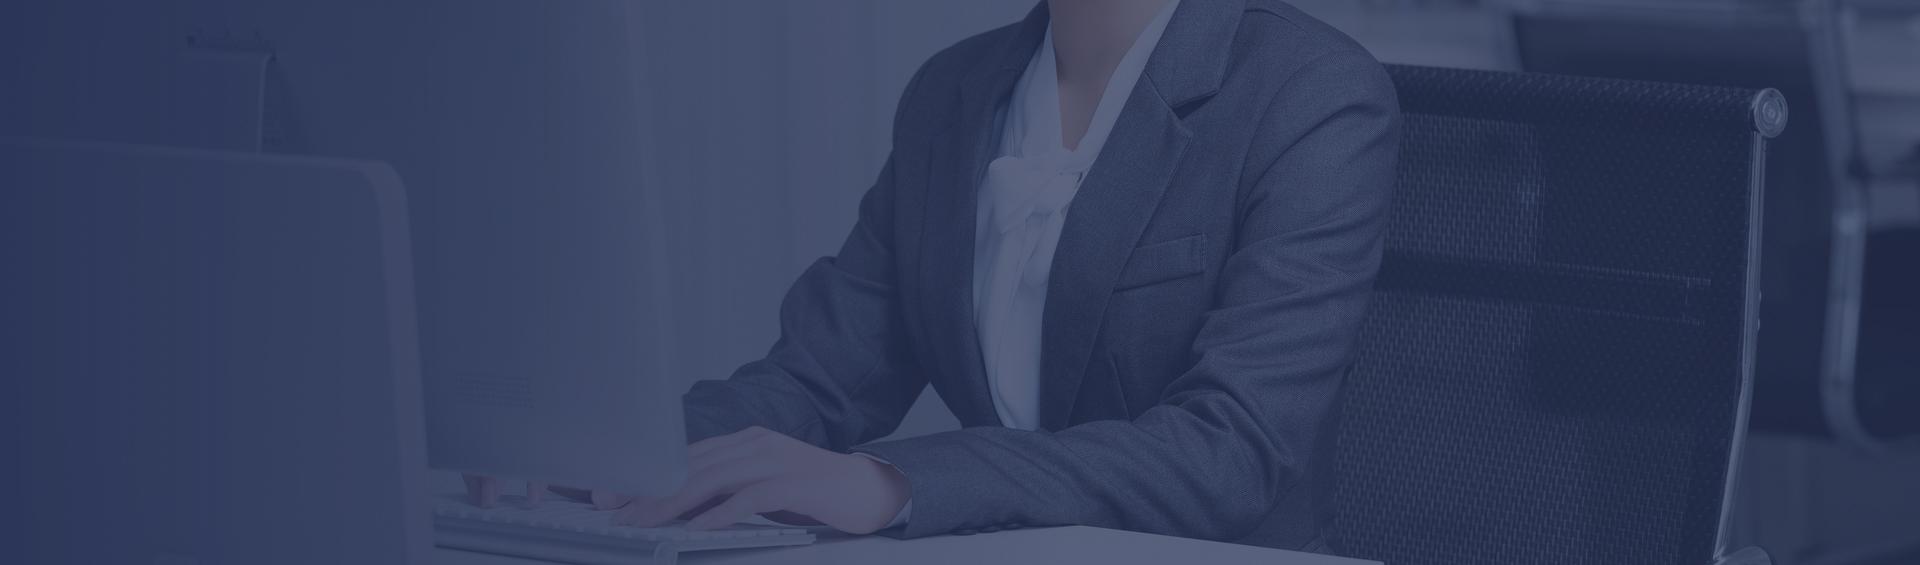 商務服務行業解決方案分類背景圖